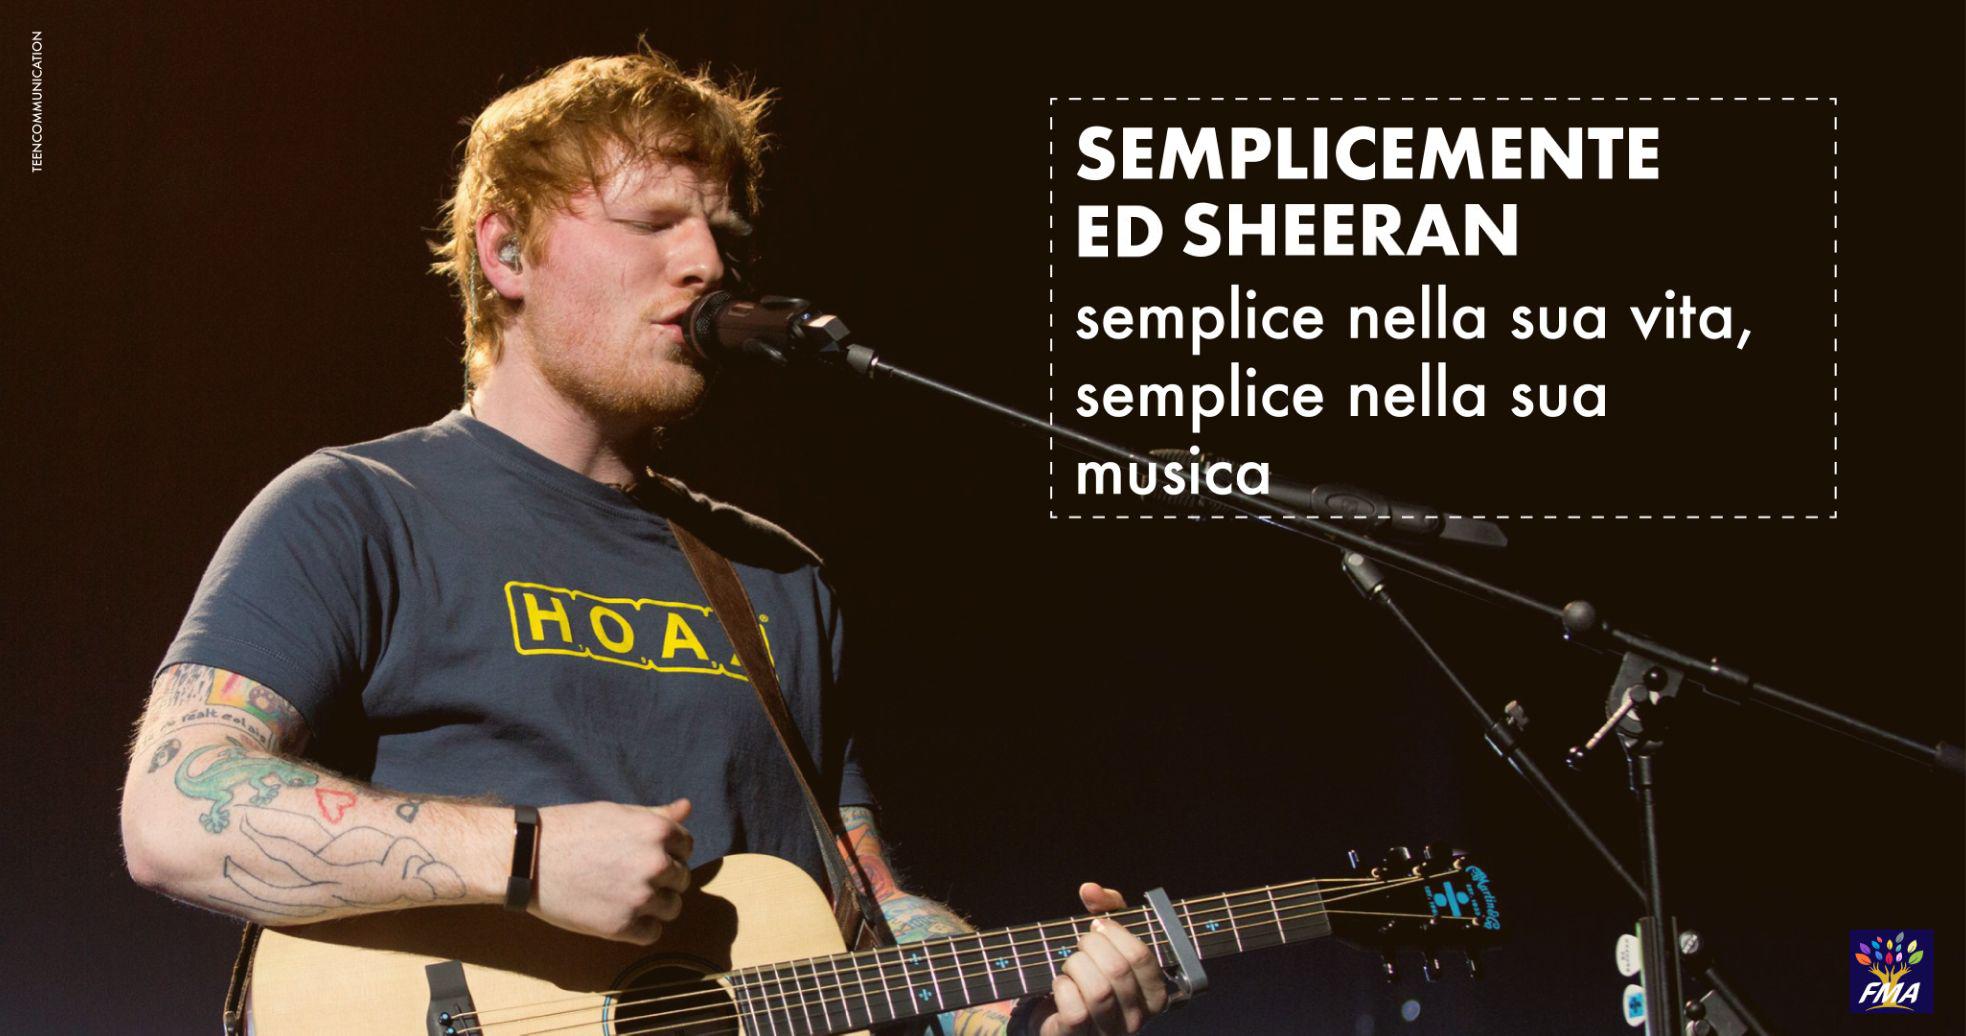 Semplicemente Ed Sheeran